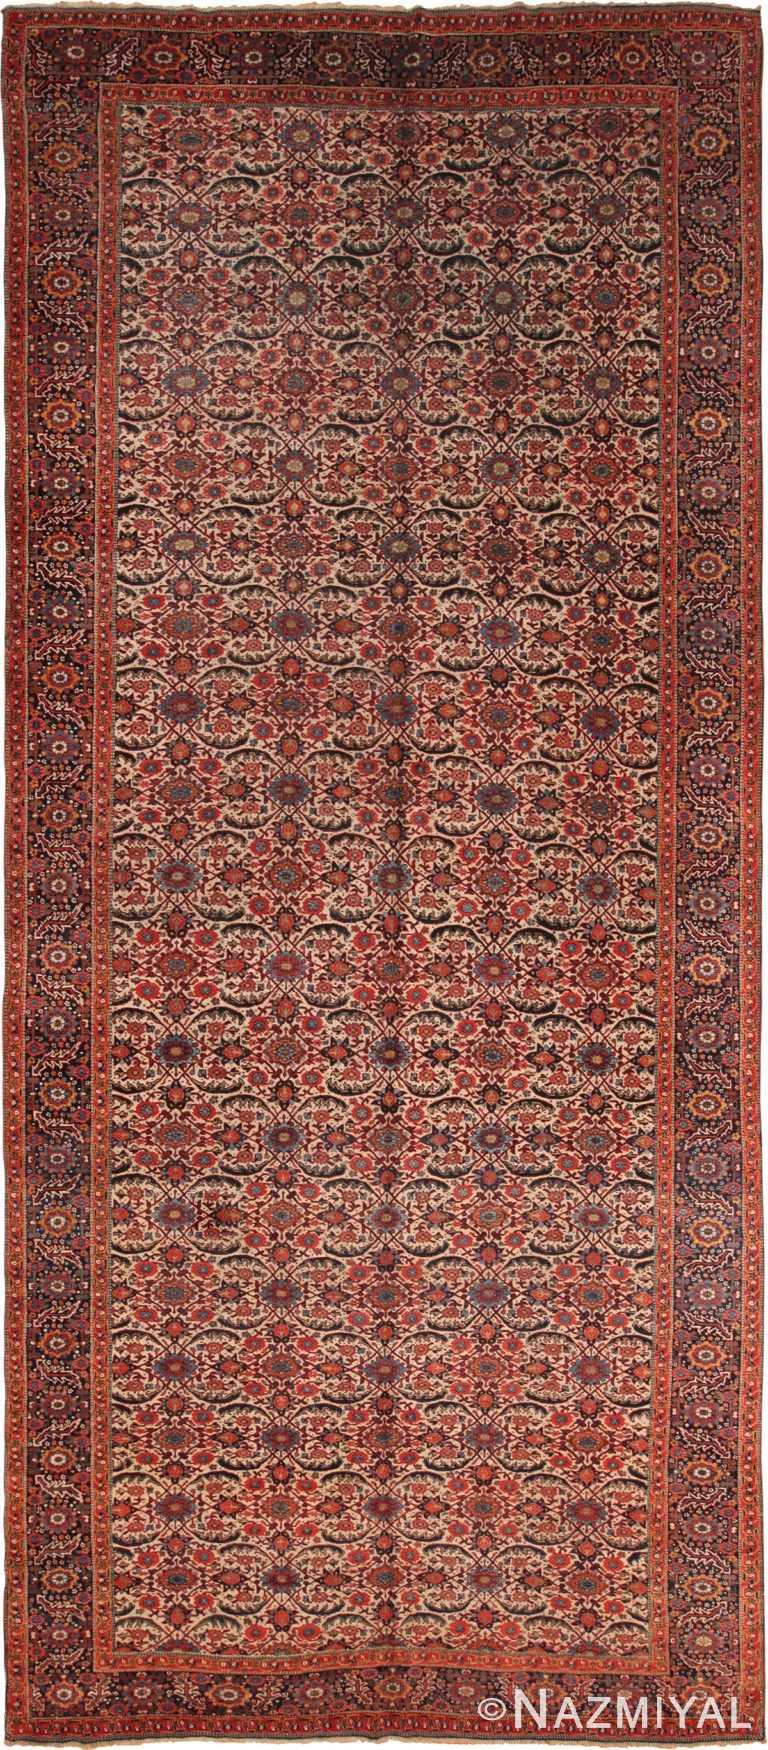 Antique Persian Bidjar Rug 70552 by Nazmiyal NYC